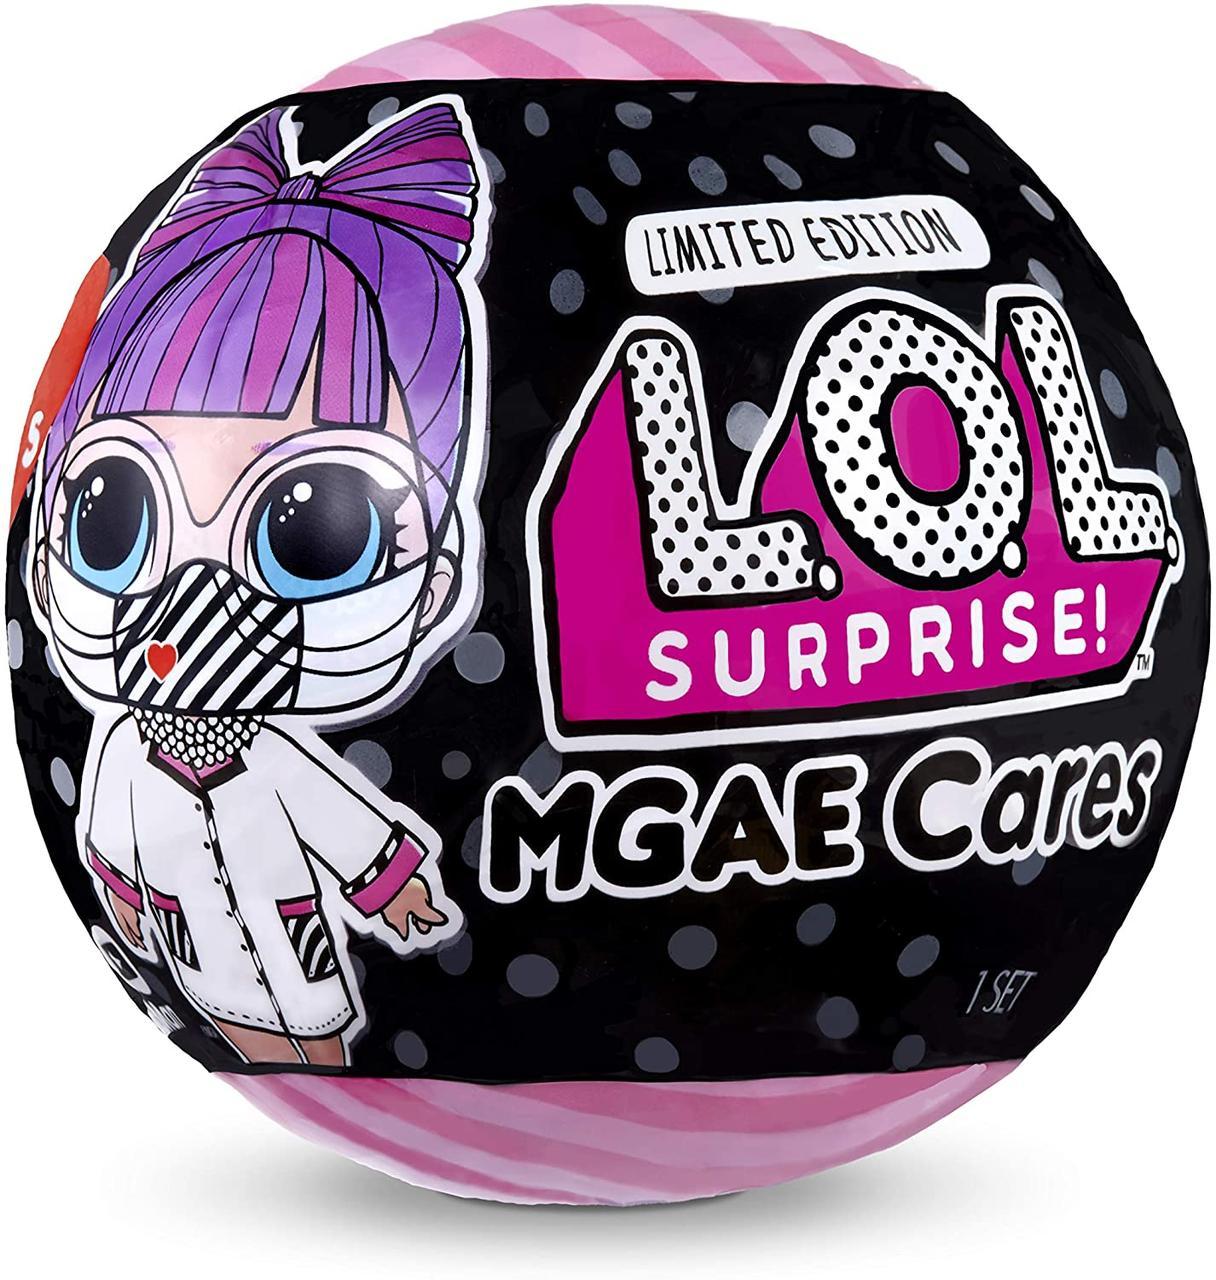 LOL Surprise - Эксклюзивная кукла ЛОЛ Stay Safe B.B.s, Ограниченная серия, «MGAE Cares» (Оригинал)